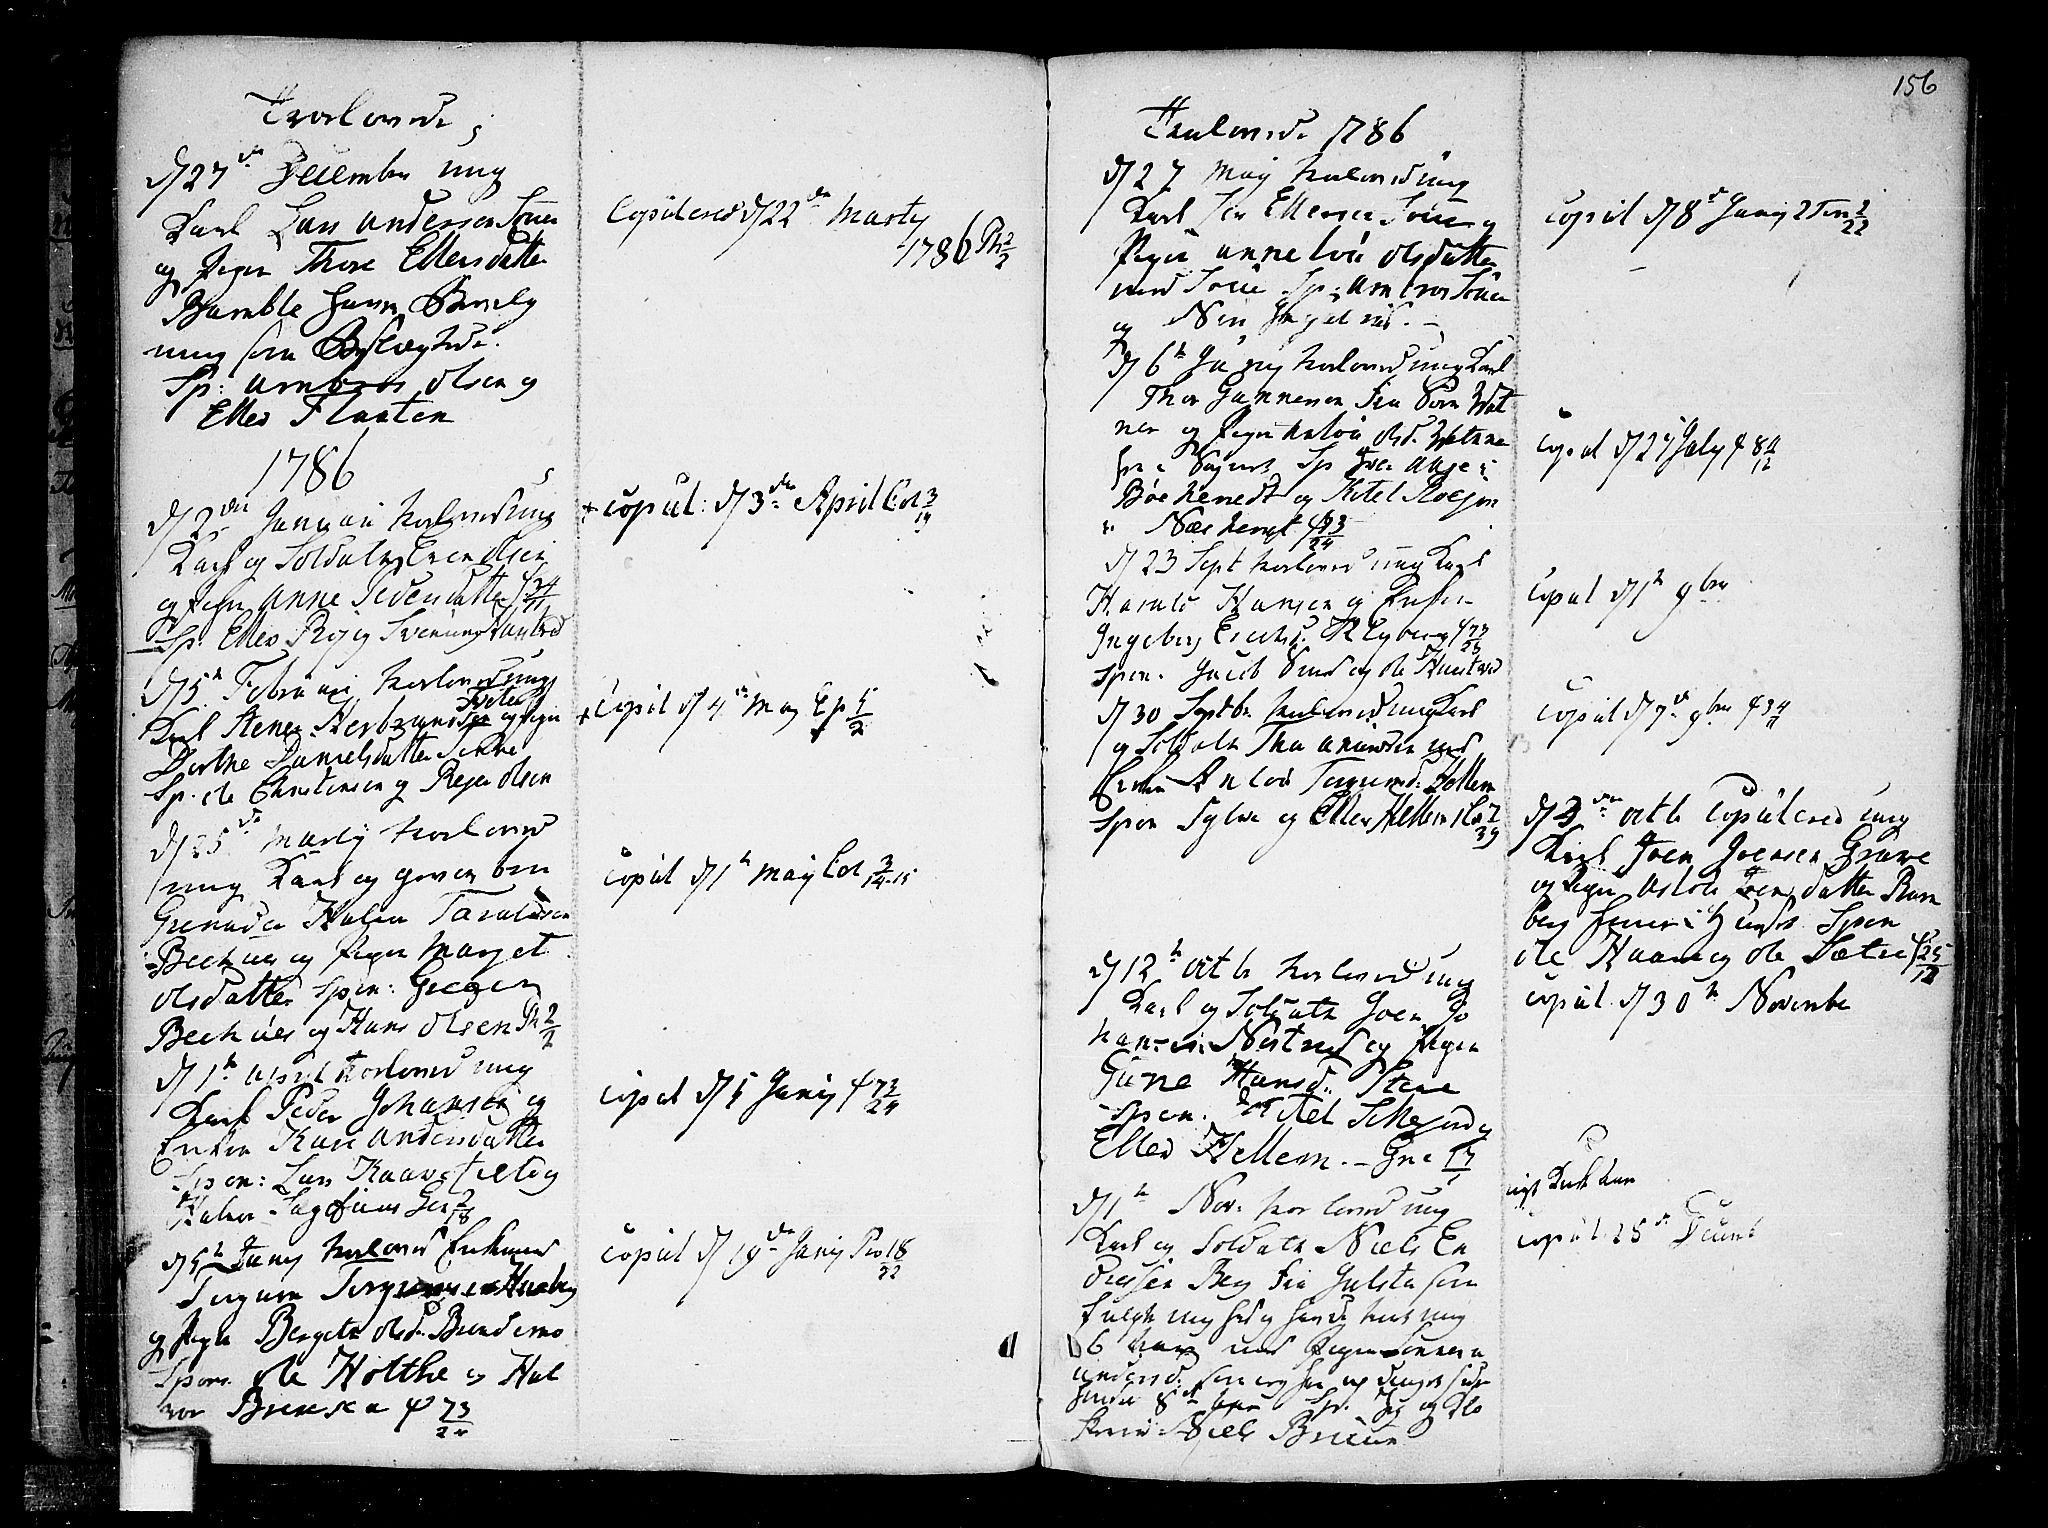 SAKO, Heddal kirkebøker, F/Fa/L0004: Ministerialbok nr. I 4, 1784-1814, s. 156